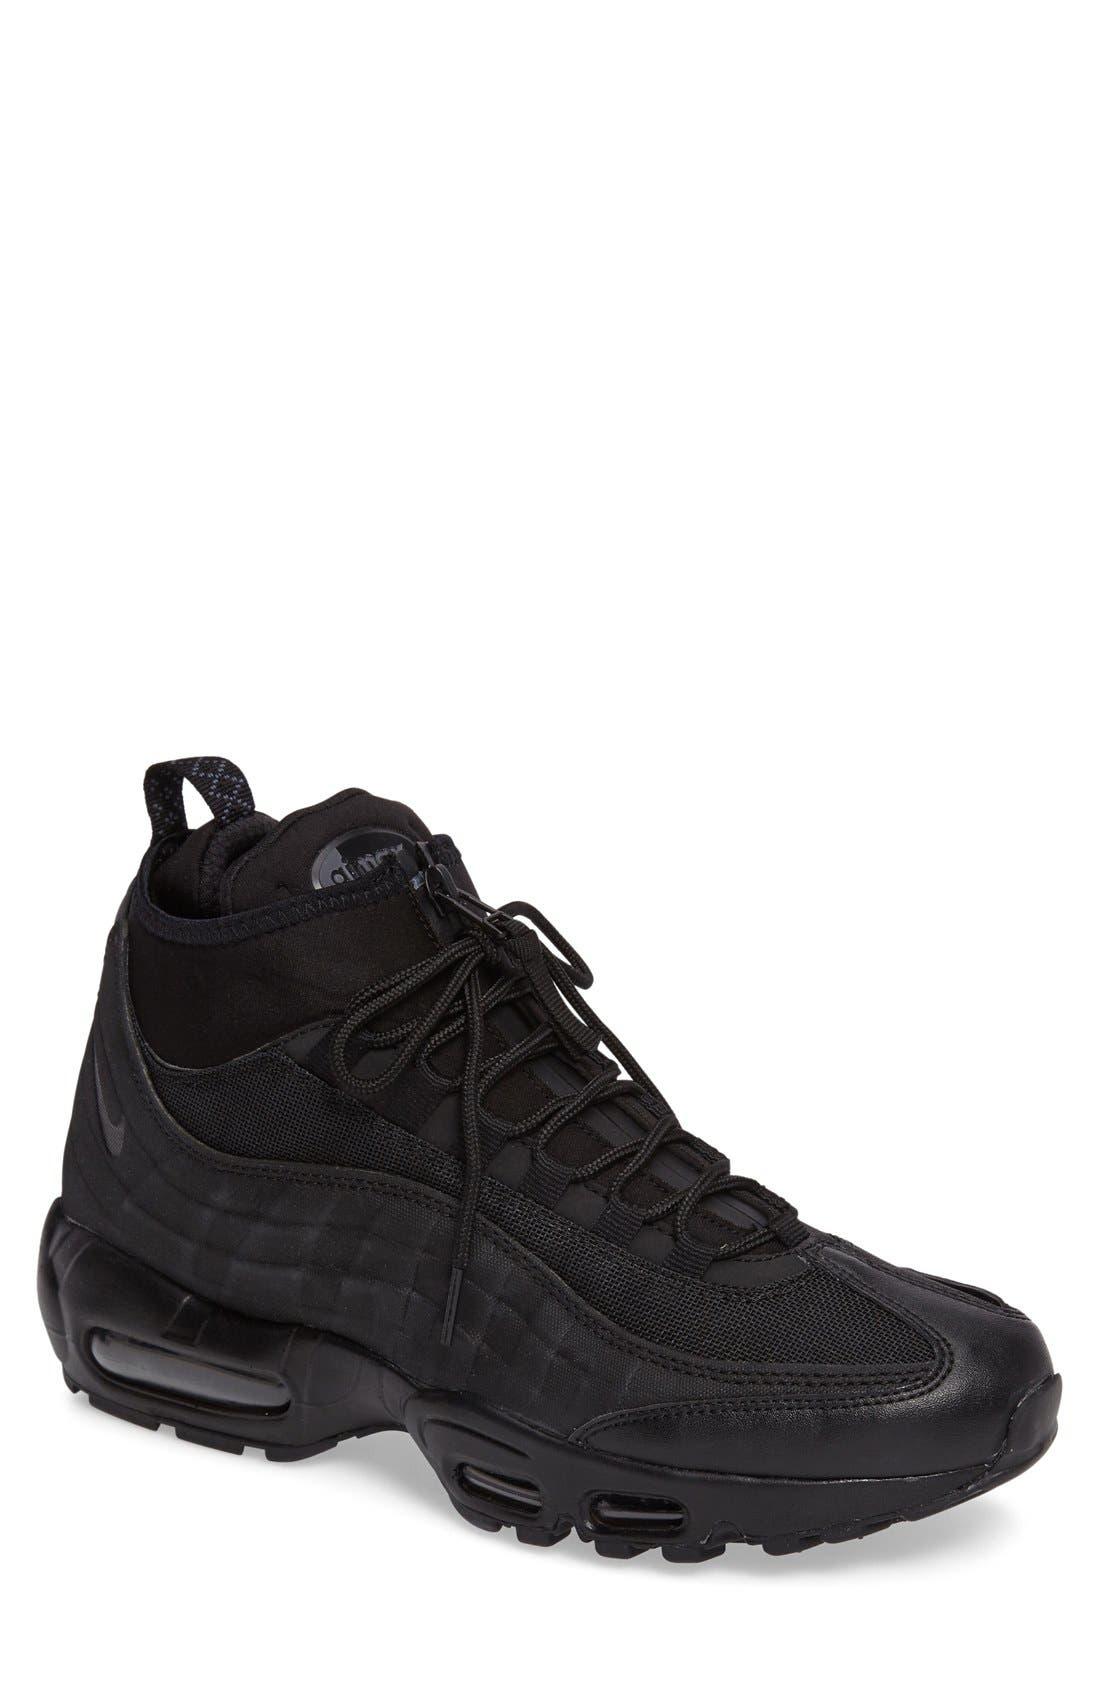 Main Image - Nike Air Max 95 Water-Resistant Sneaker Boot (Men)